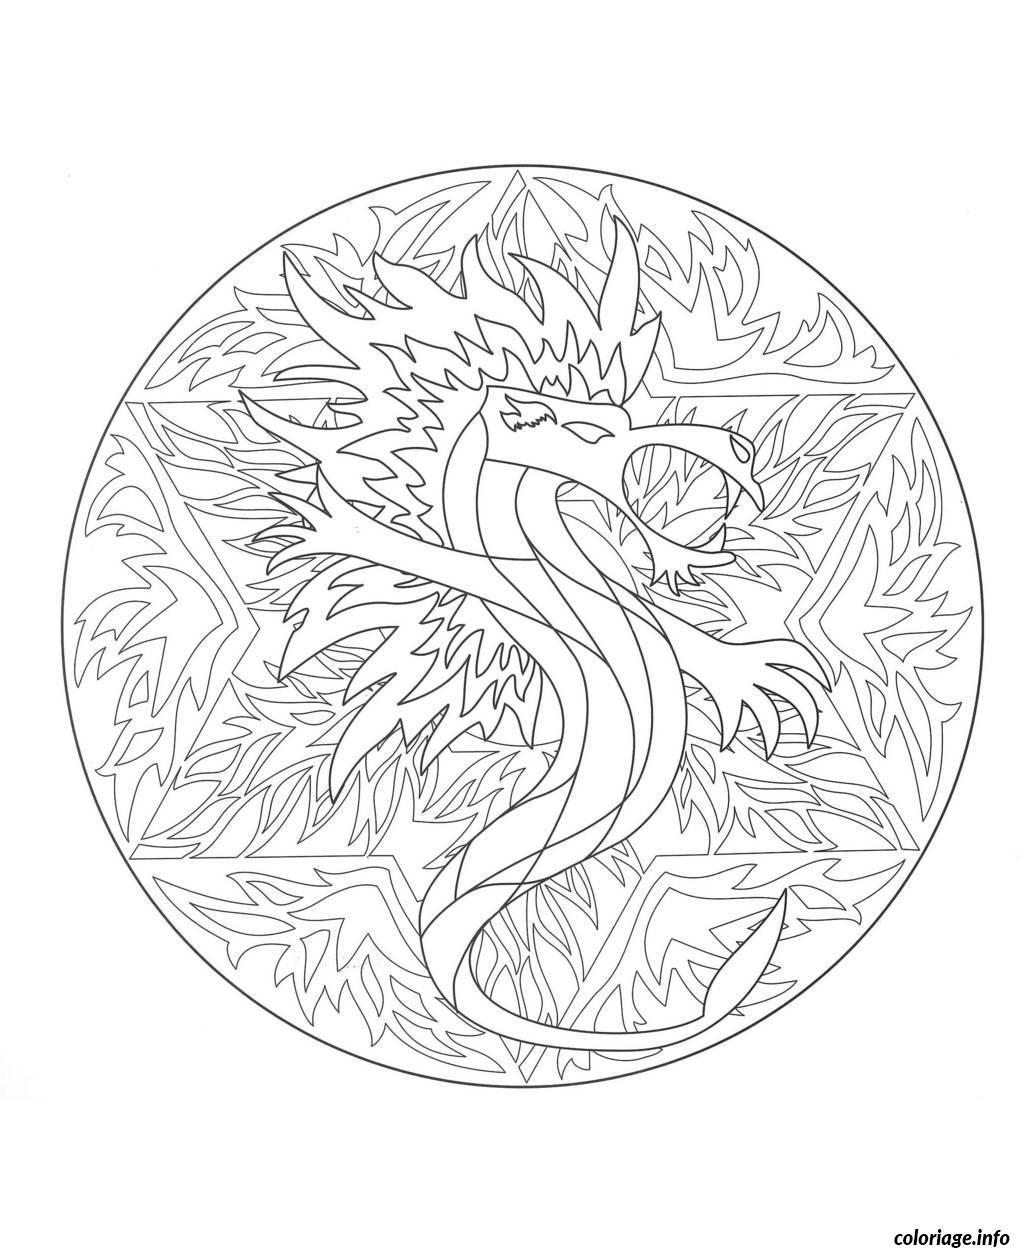 Coloriage coloring mandala dragon 5 - Dragon a imprimer ...